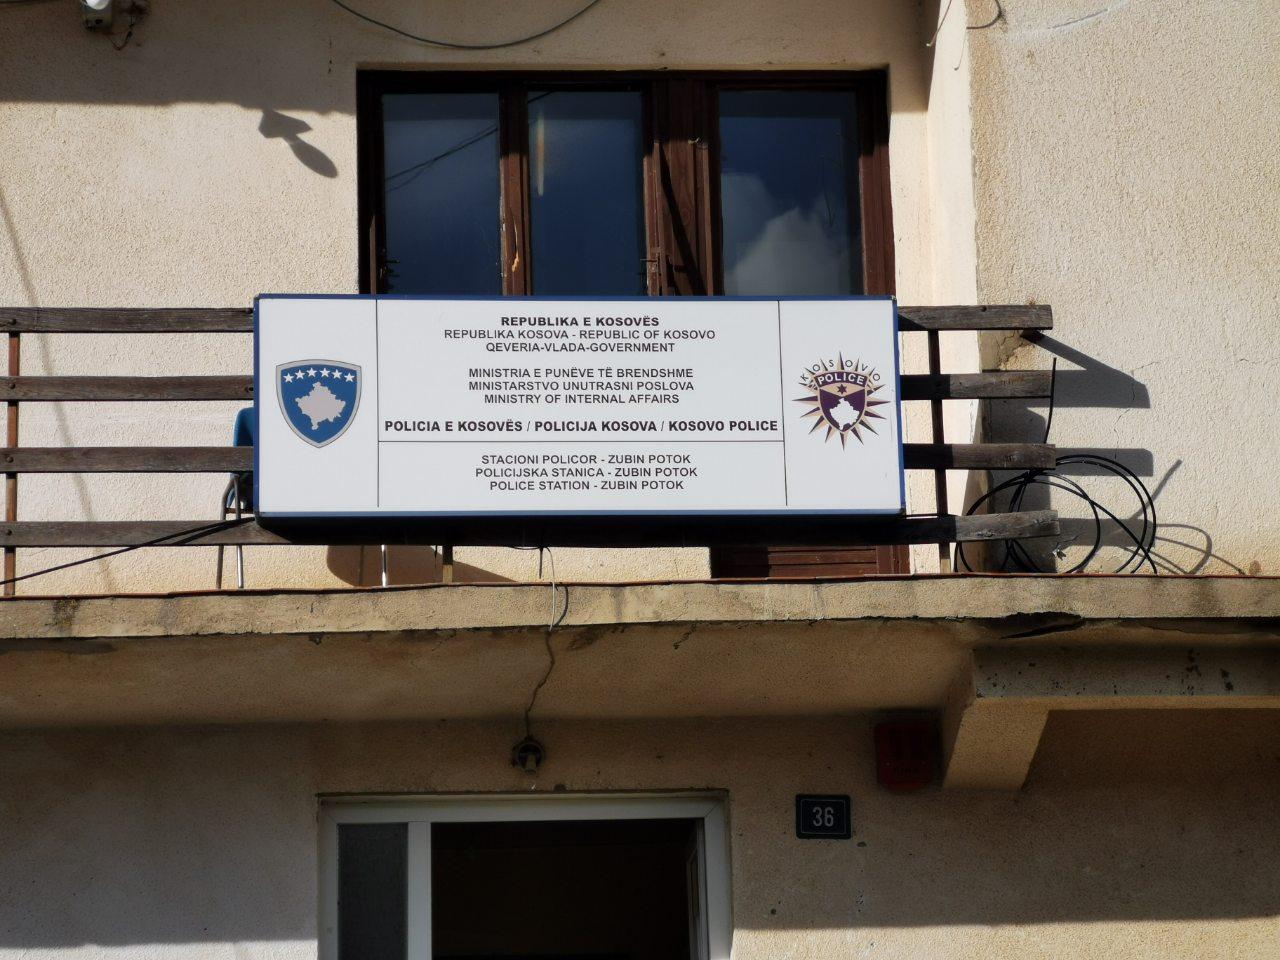 Policijska stanica zubin potok